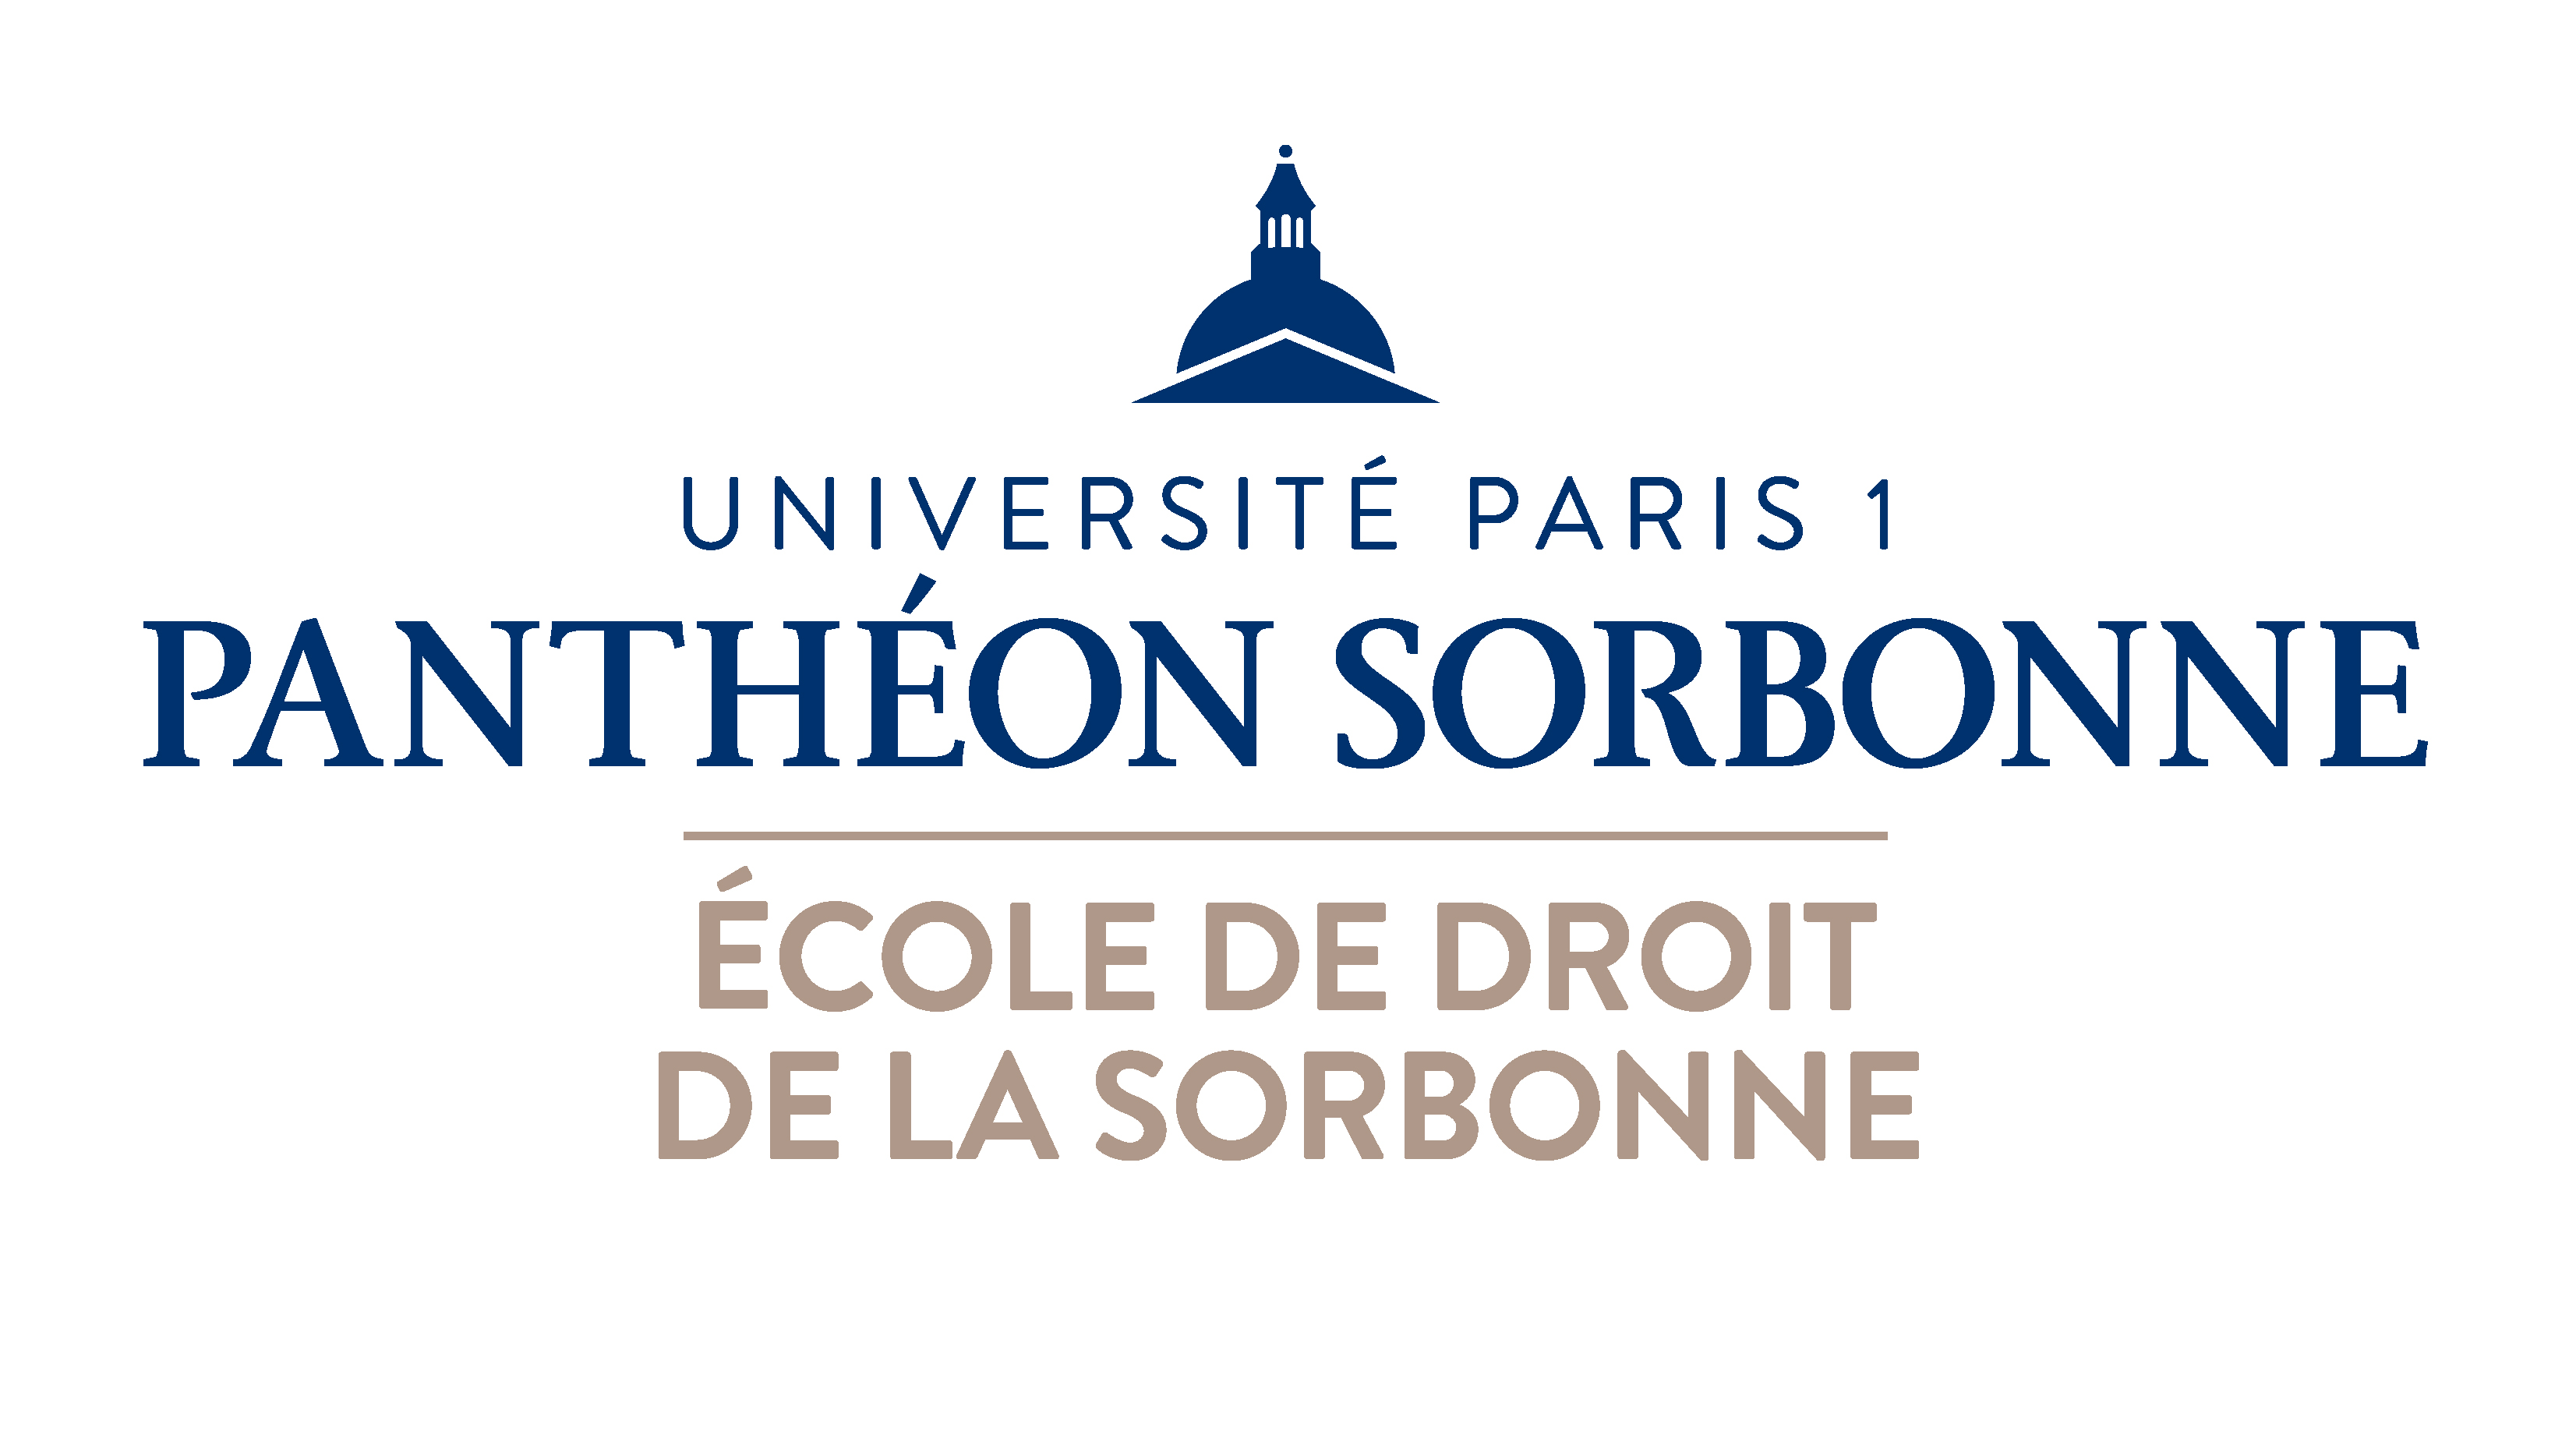 Ecole de Droit de la Sorbonne